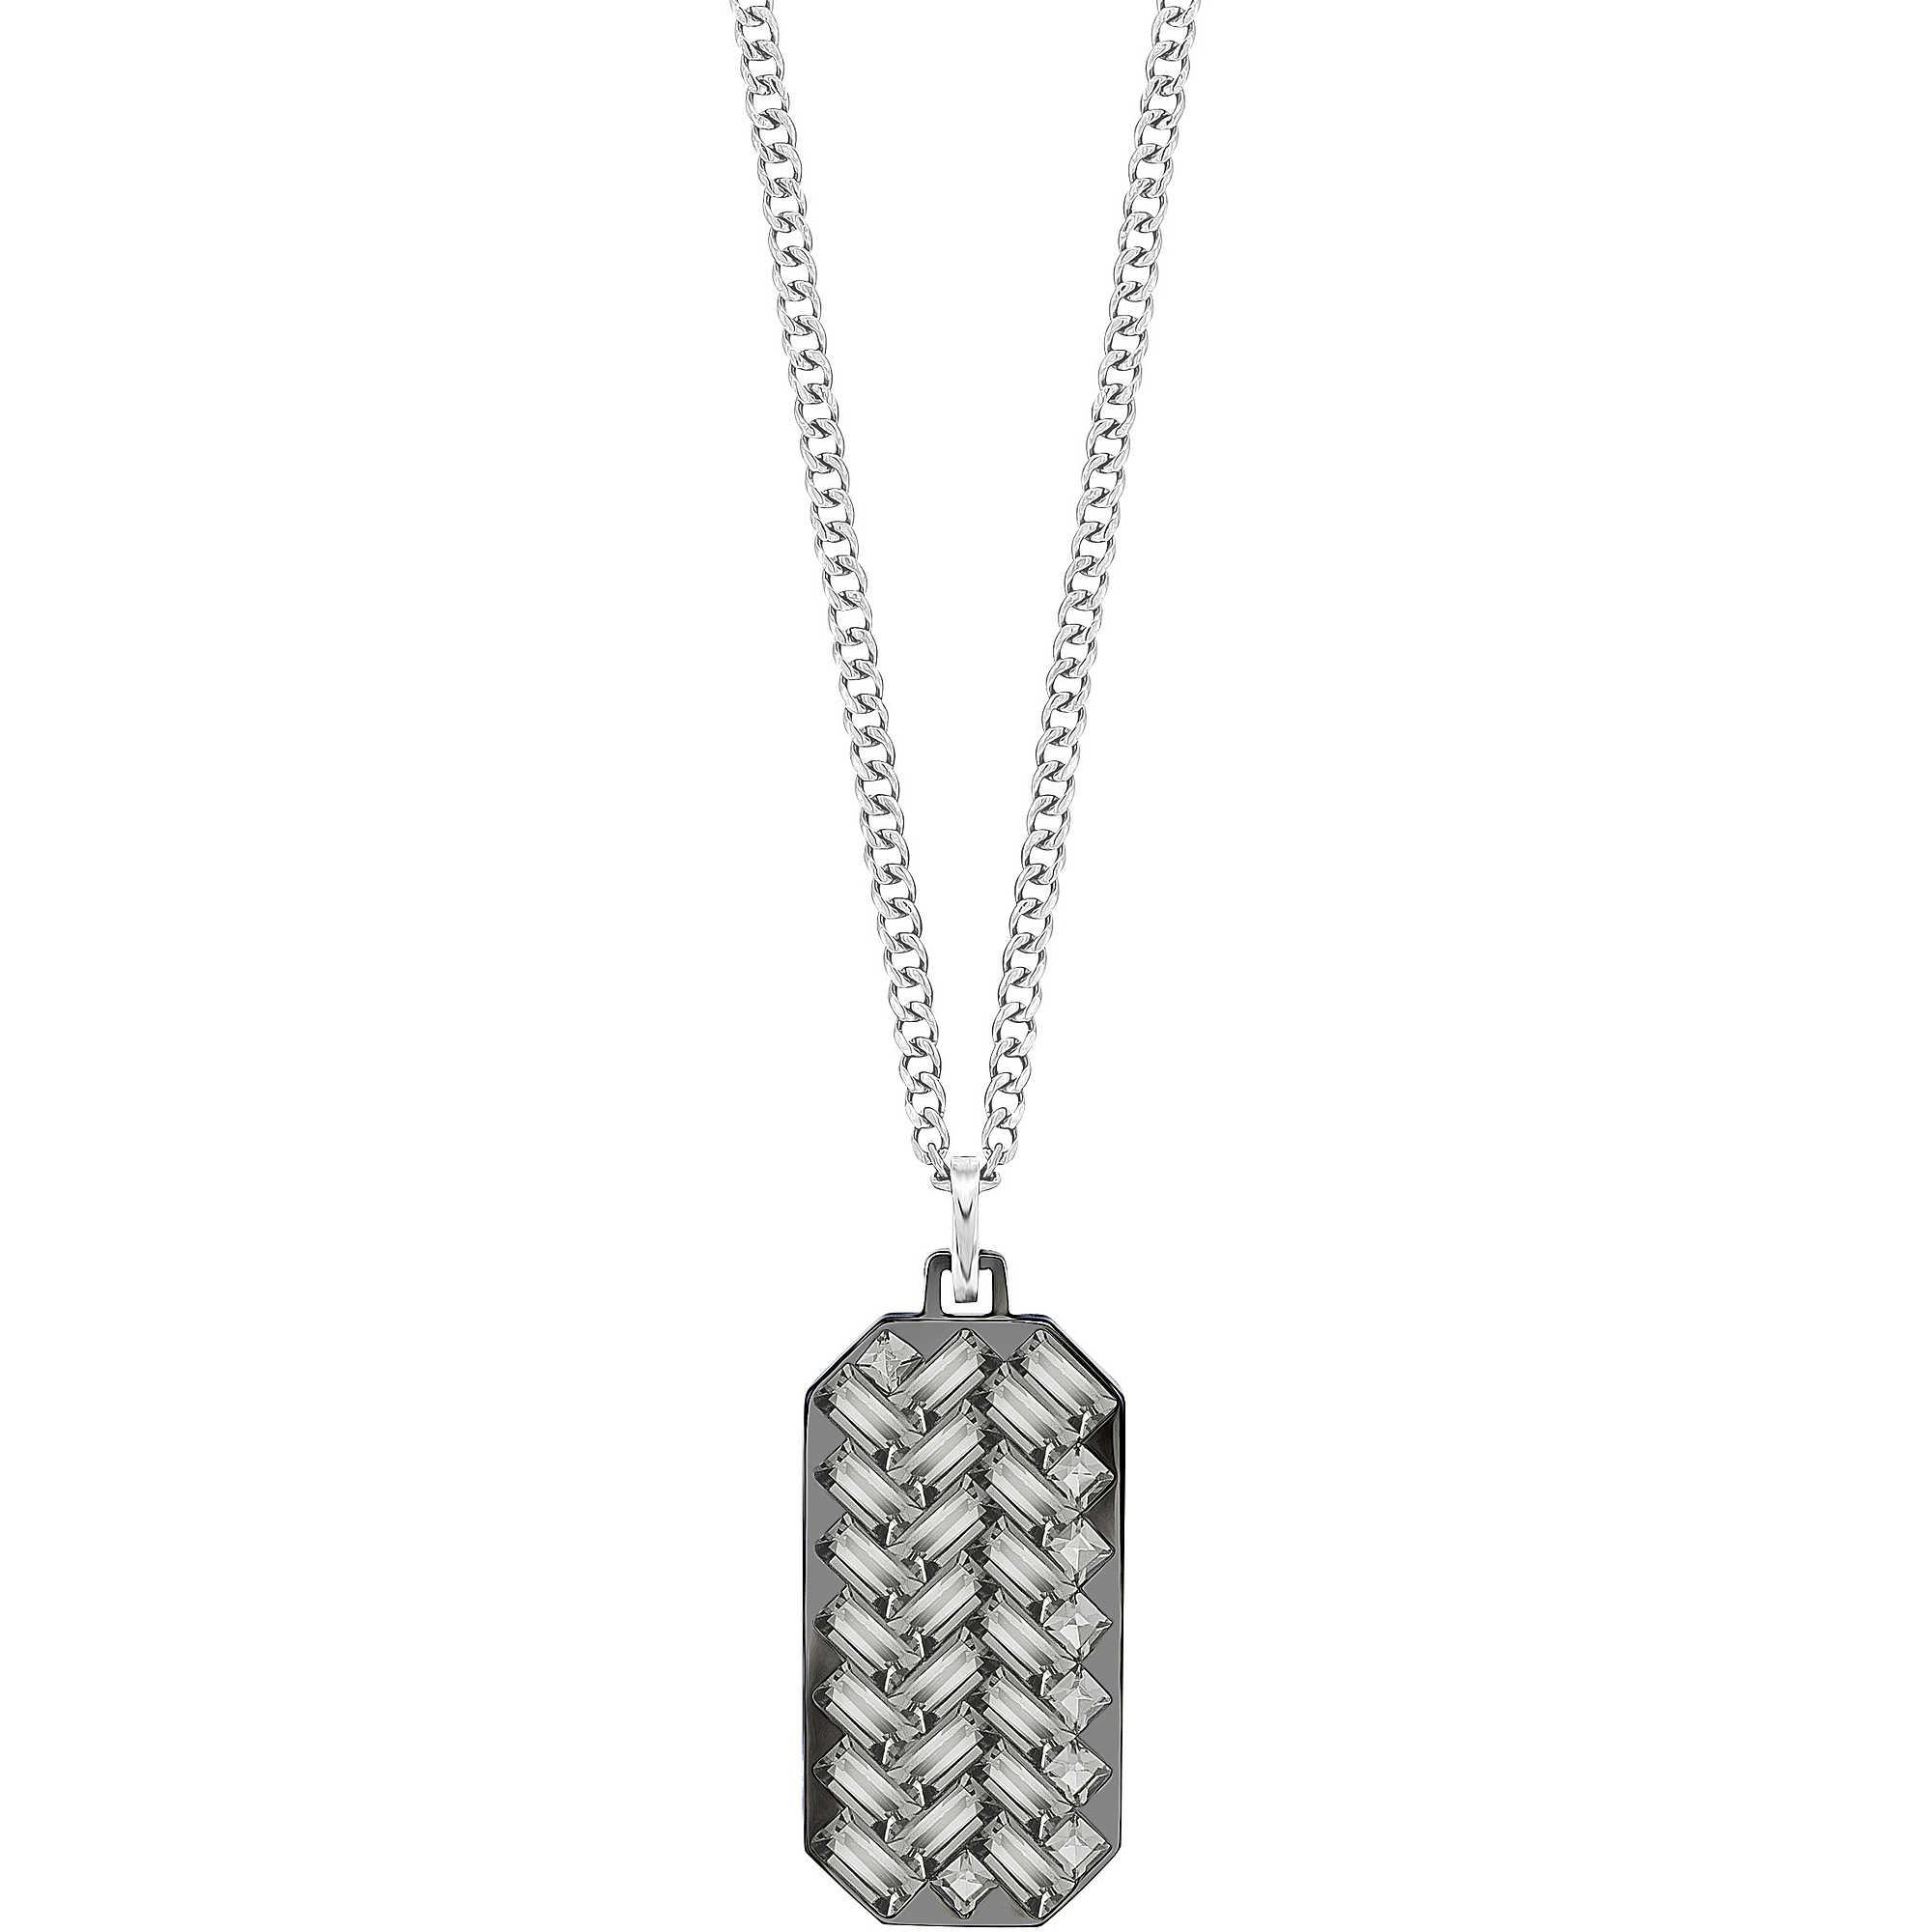 diosa women fire yellow new ferrari pendant magerit colmillo necklace gold diamond s jewelry